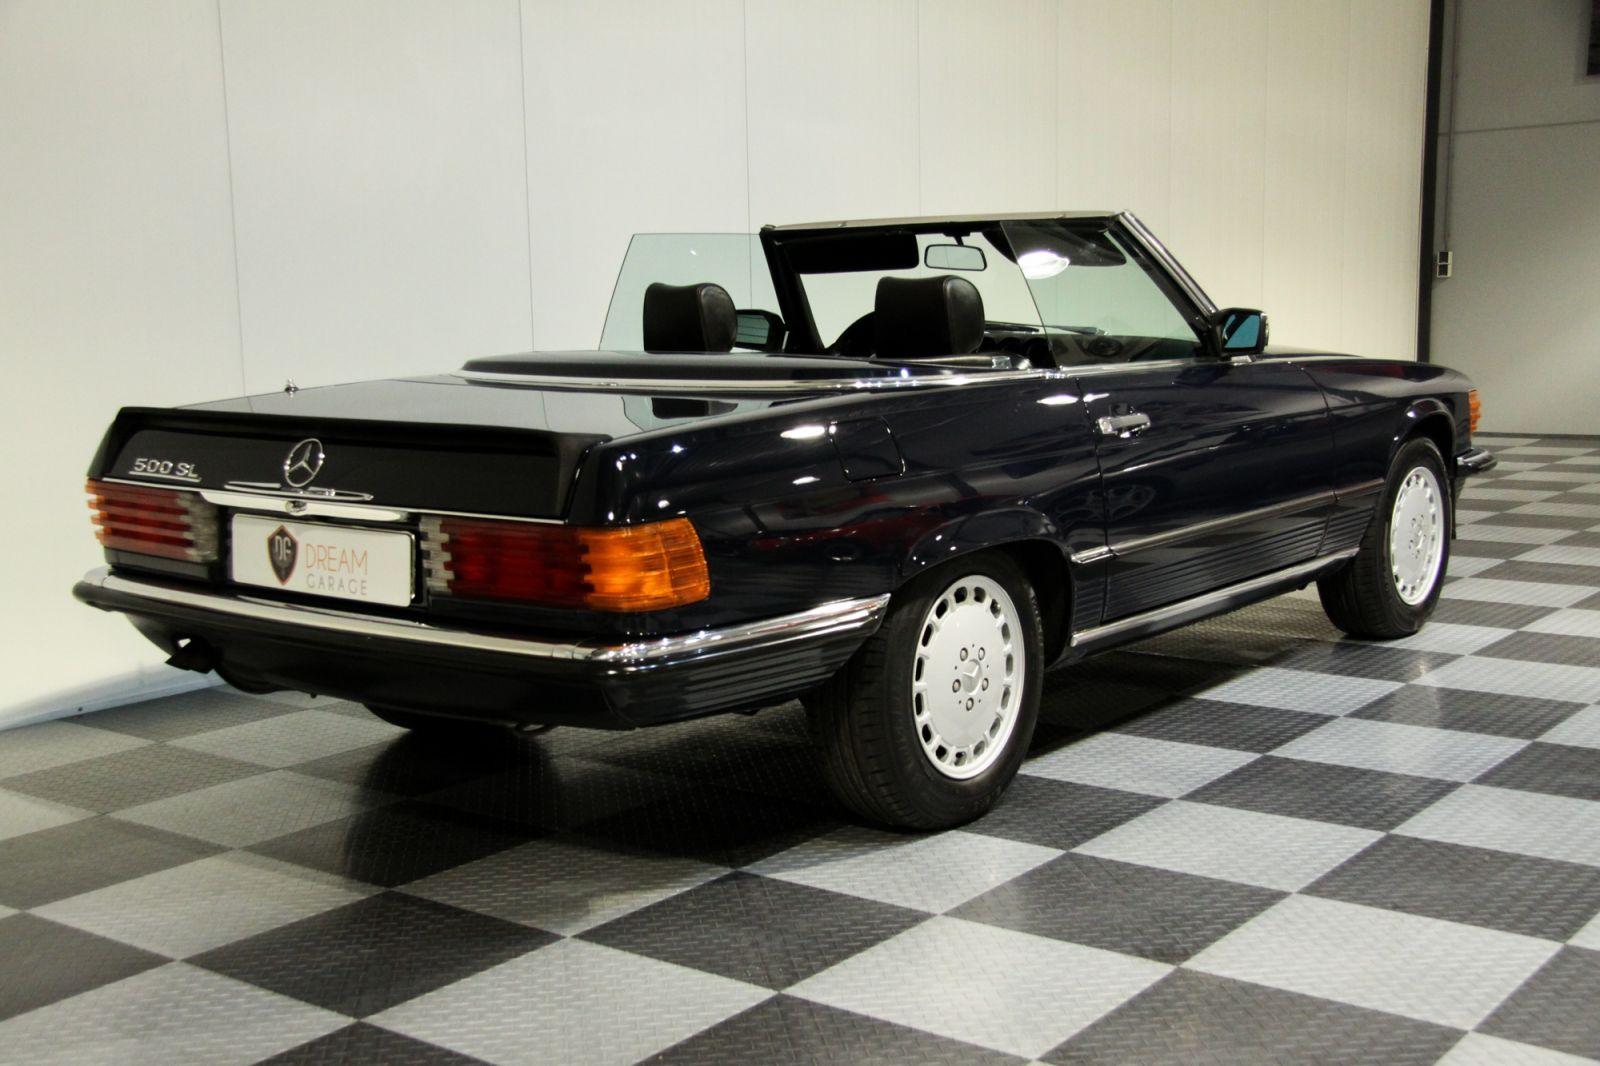 Dream garage verkauftmercedes mercedes benz 500 sl for Mercedes benz sl 500